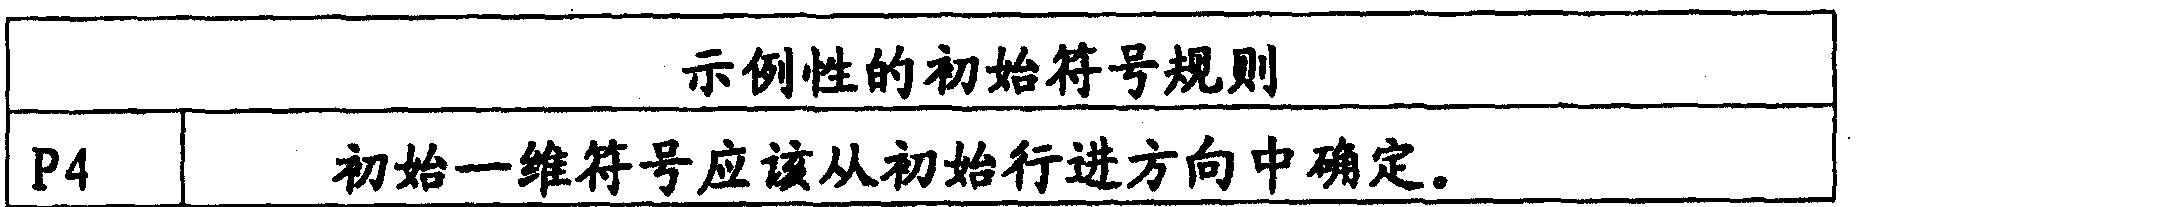 Figure CN101390034BD00161